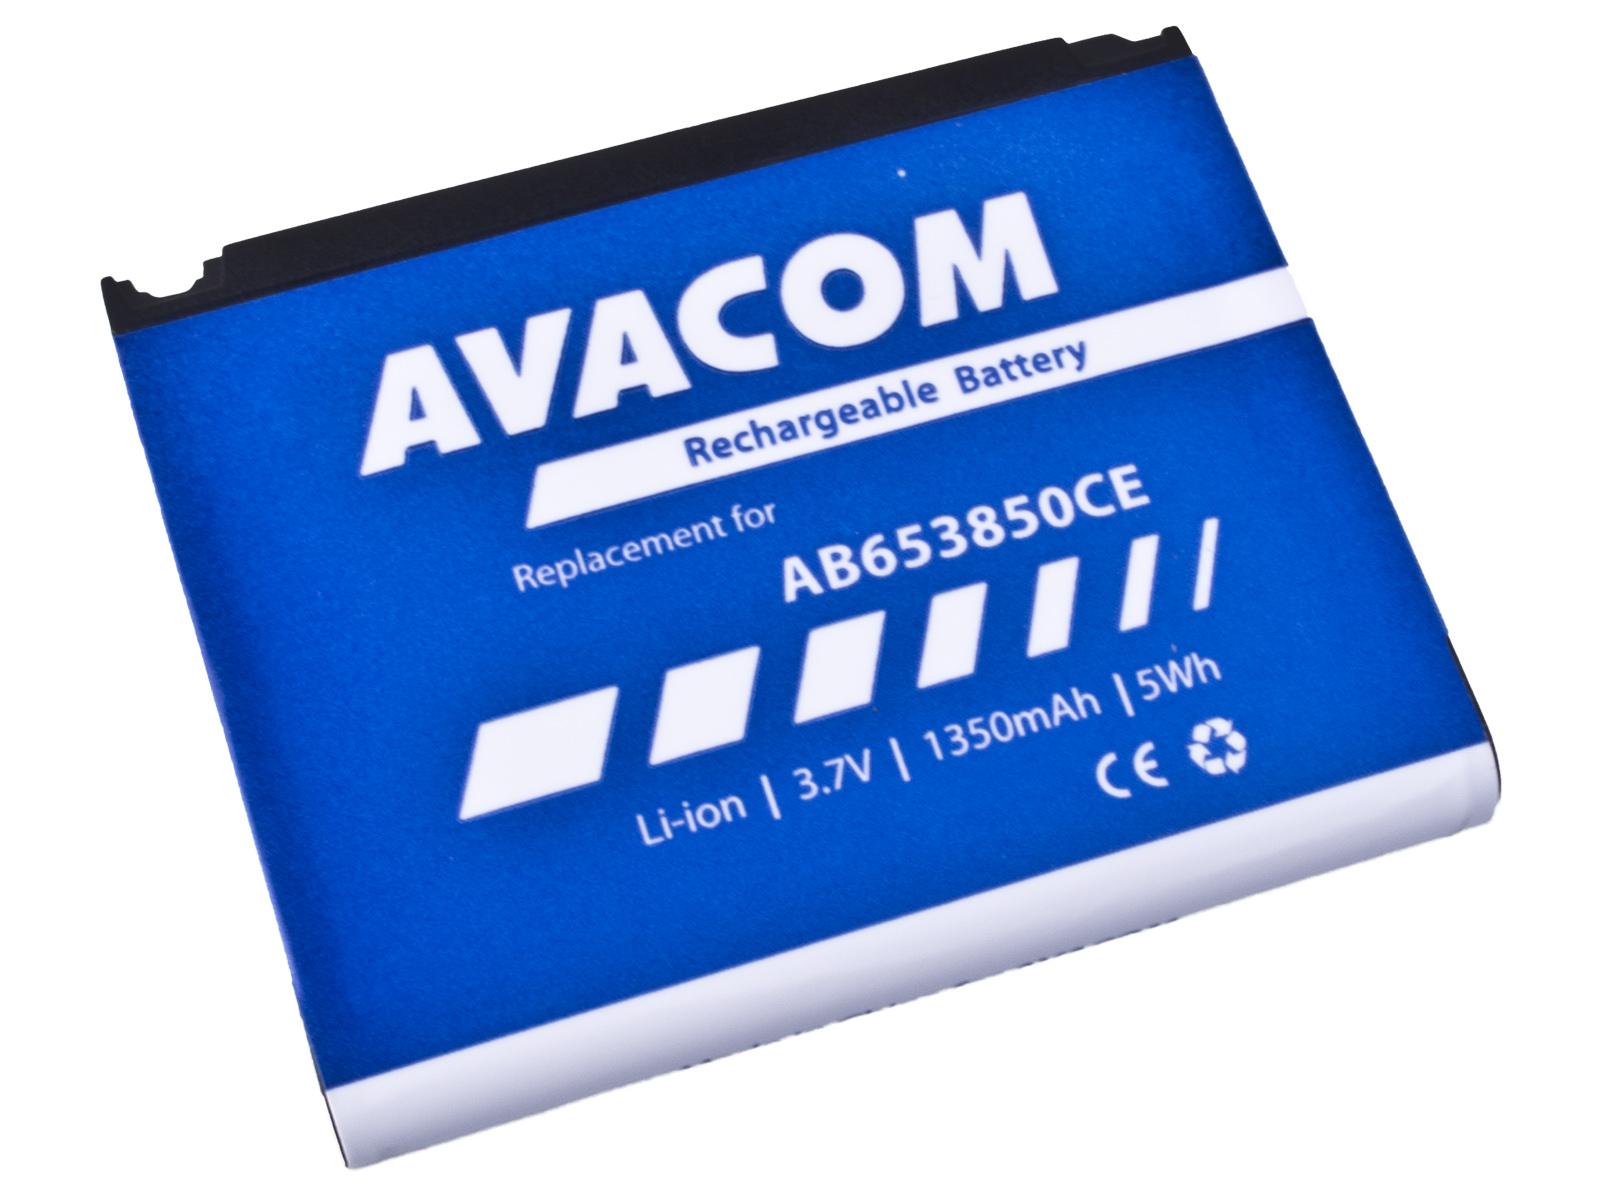 Baterie AVACOM GSSA-i900-S1350A do mobilu Samsung SGH-i900 Li-Ion 3,7V 1350mAh (náhrada AB653850CE)